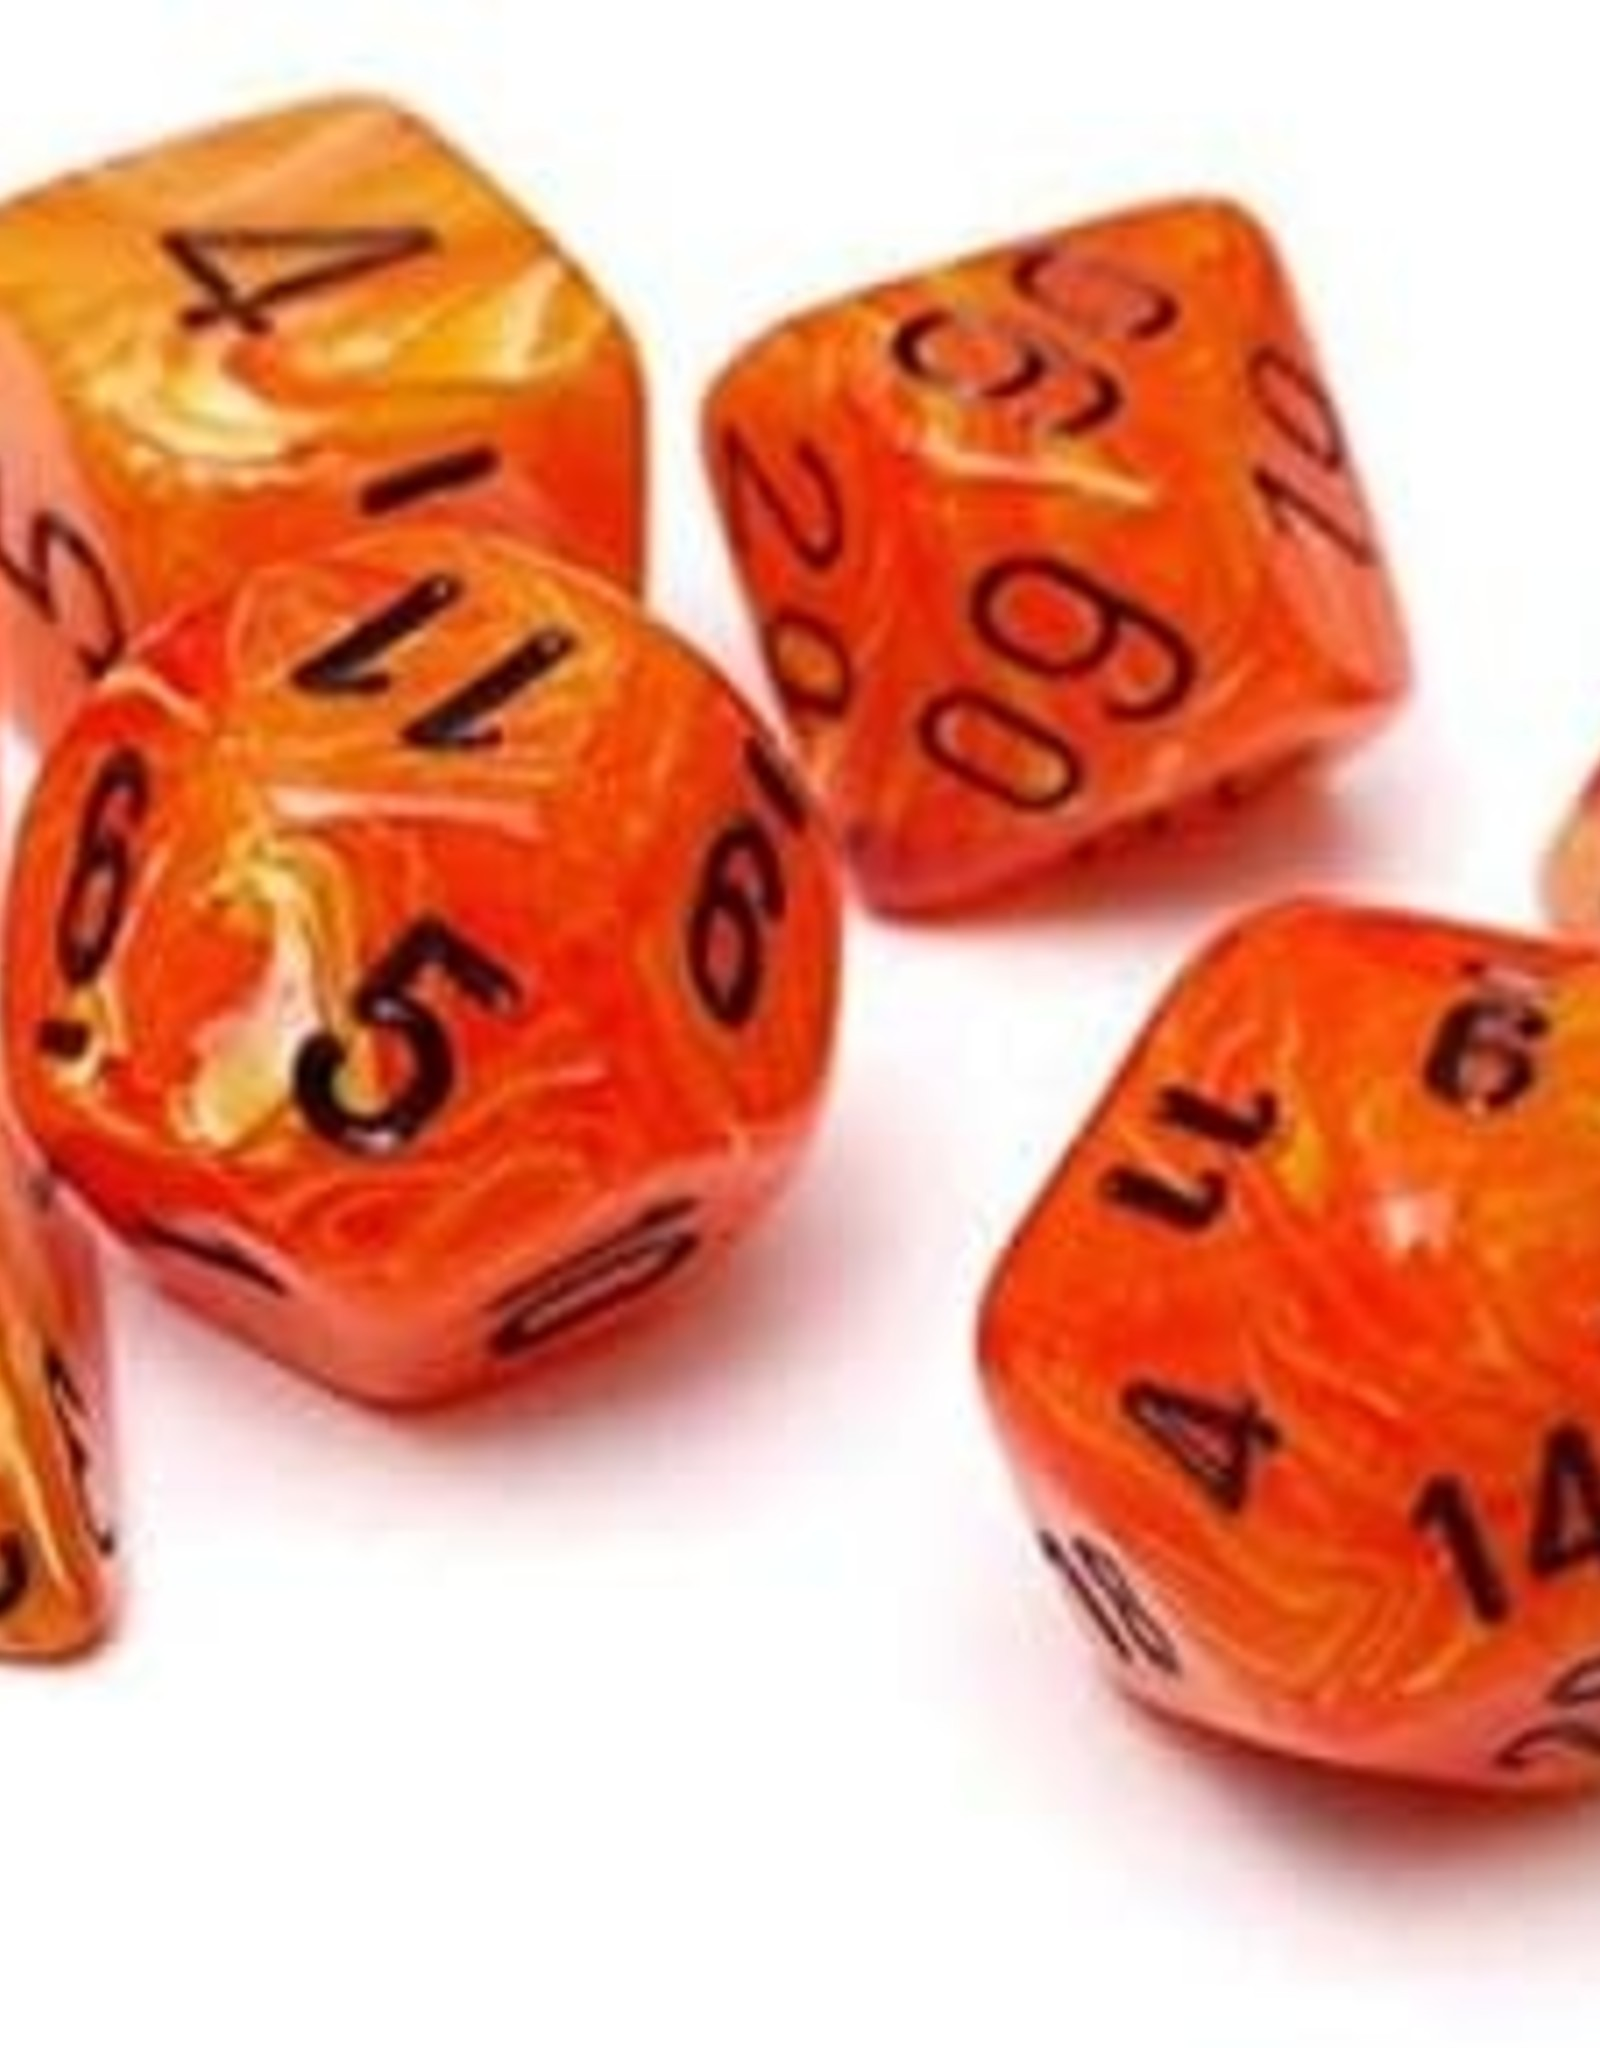 Chessex Vortex Poly 7 set: Orange w/ Black